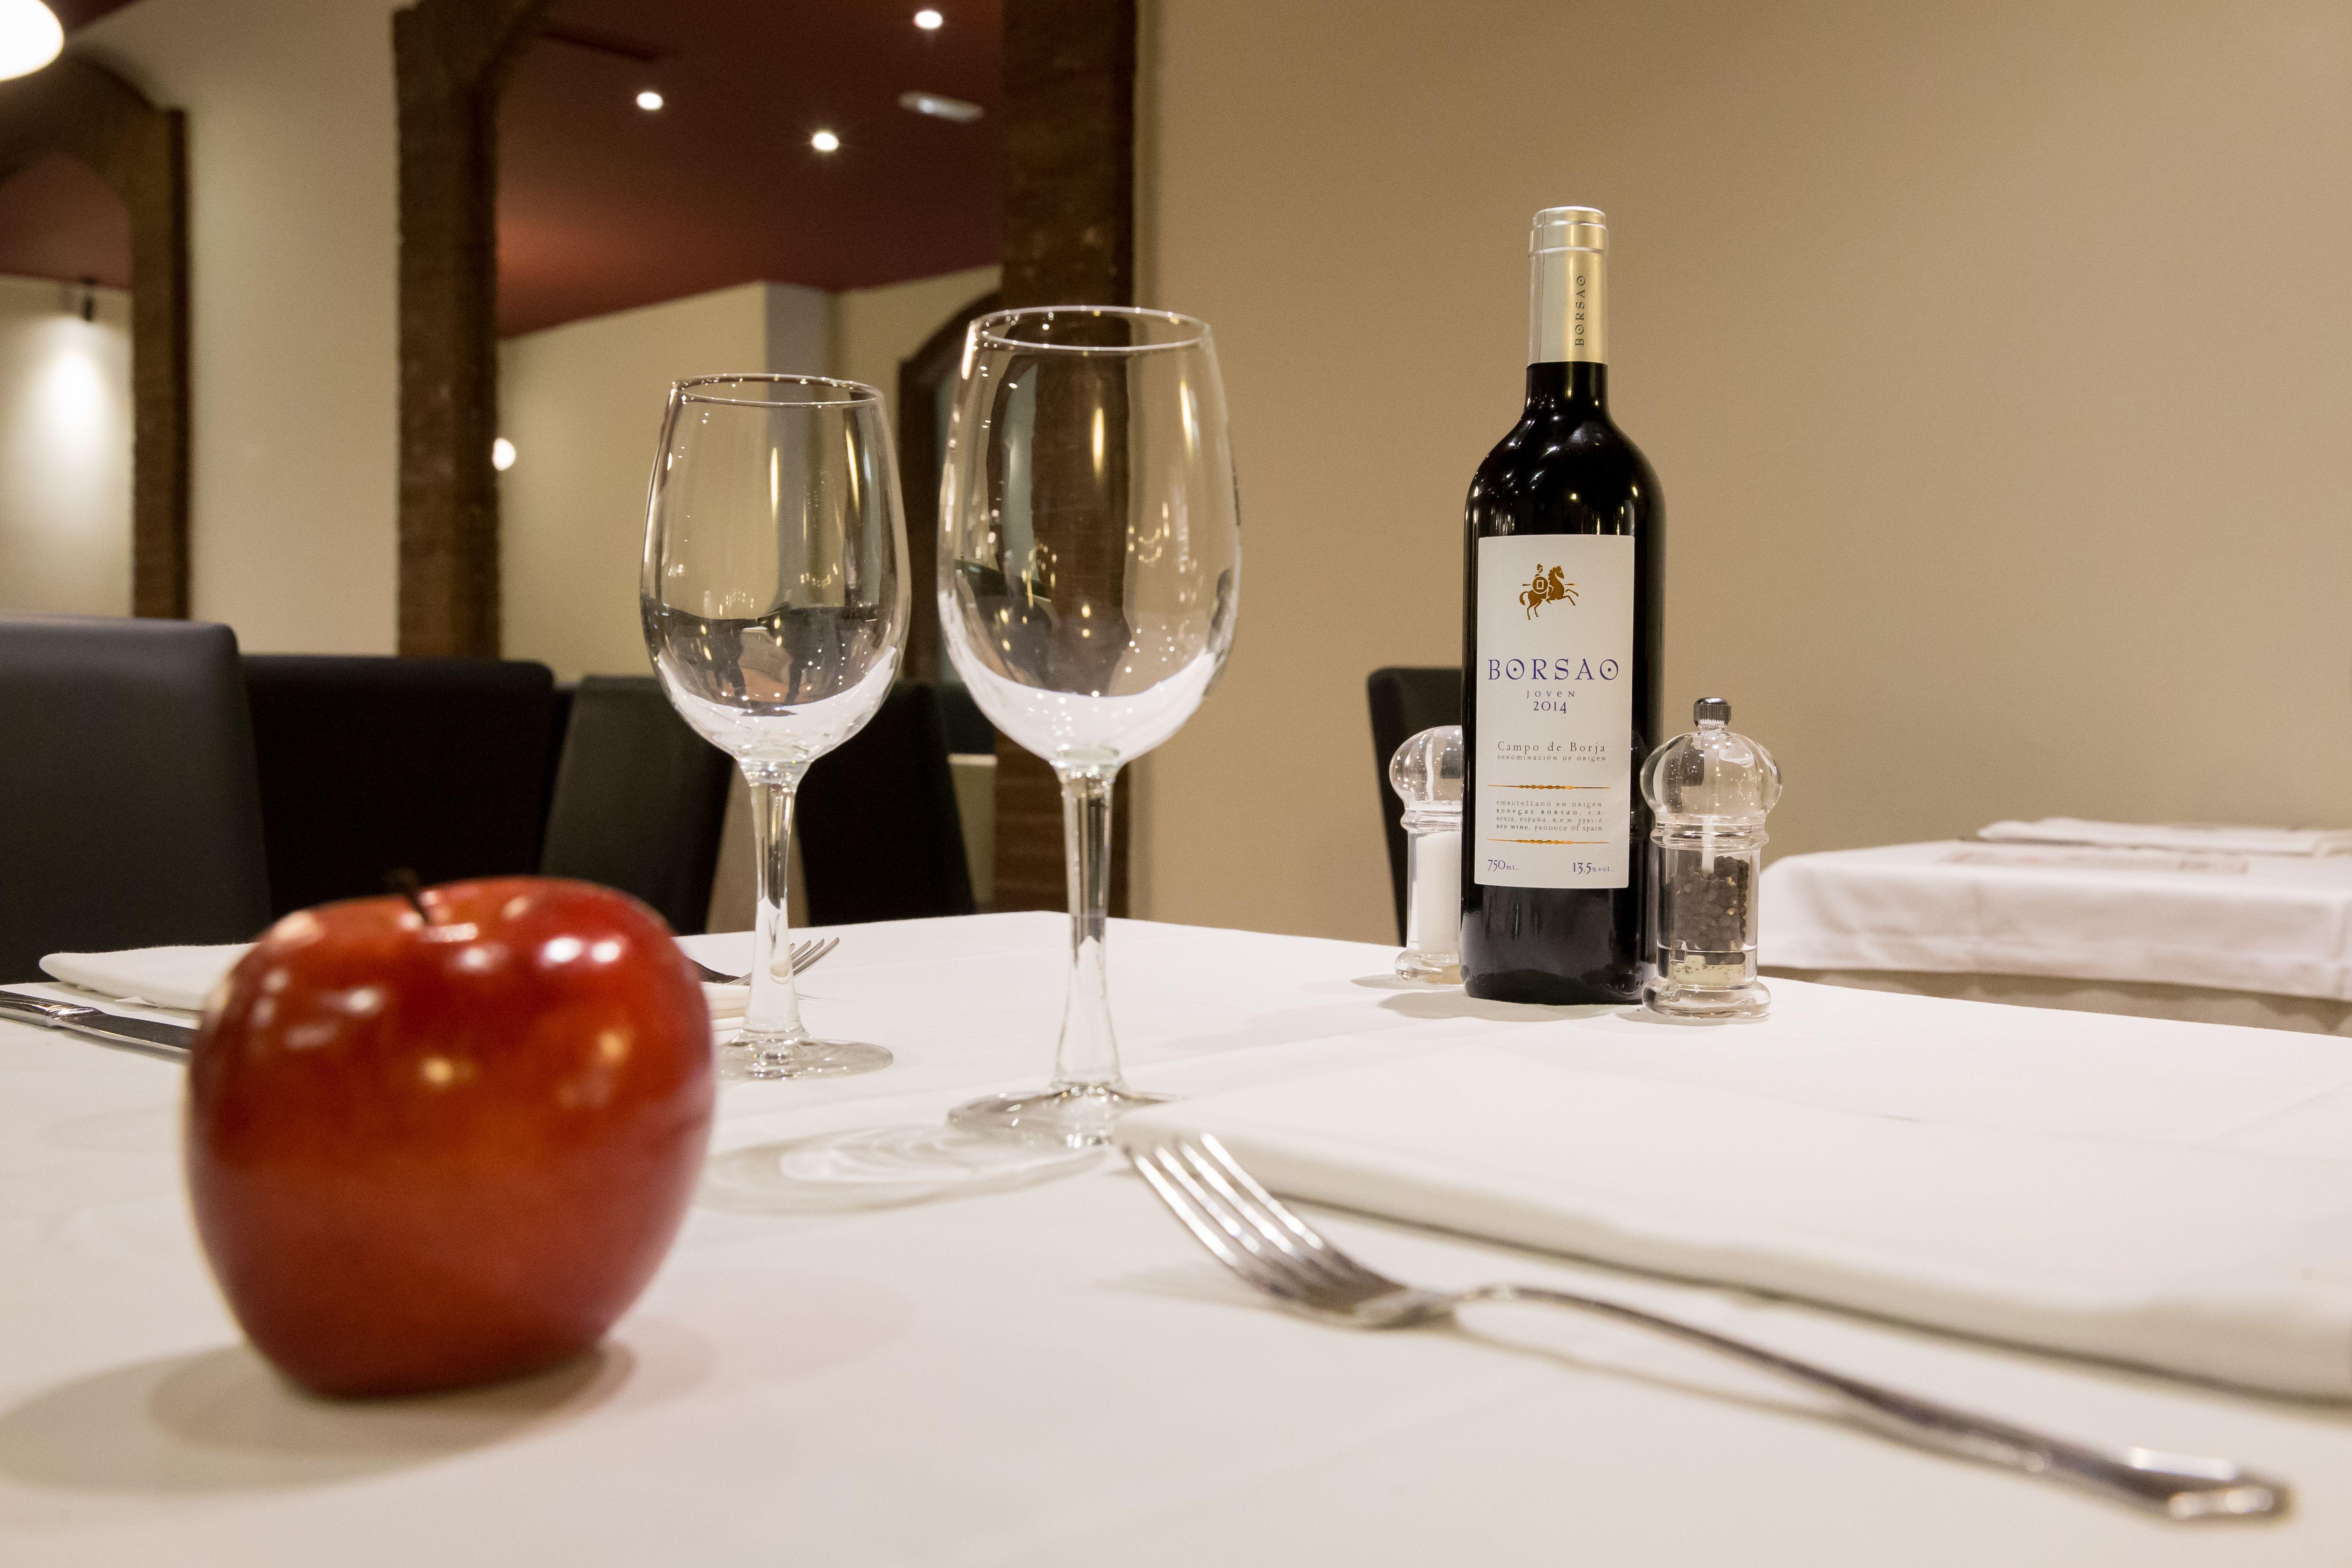 Por cierto, ¿has visitado ya nuestro Restaurante Don José? Tenemos muchas novedades. ¡Ven y te sorprenderás!